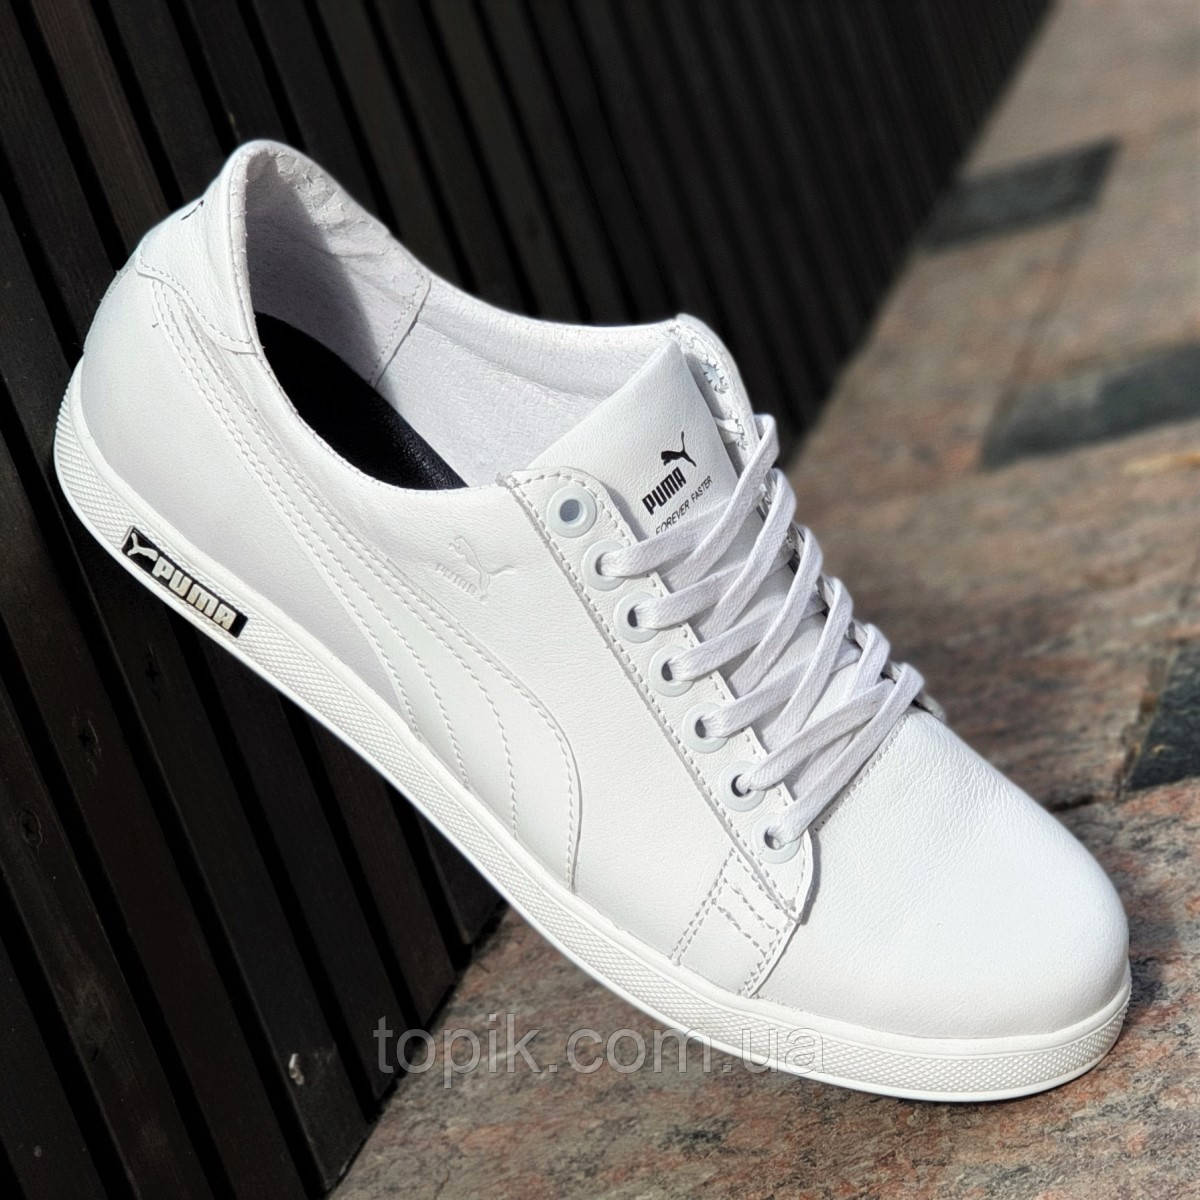 Белые мужские кеды, кроссовки, мокасины кожаные, белая подошва, трендовые на каждый день (Код: 1376)